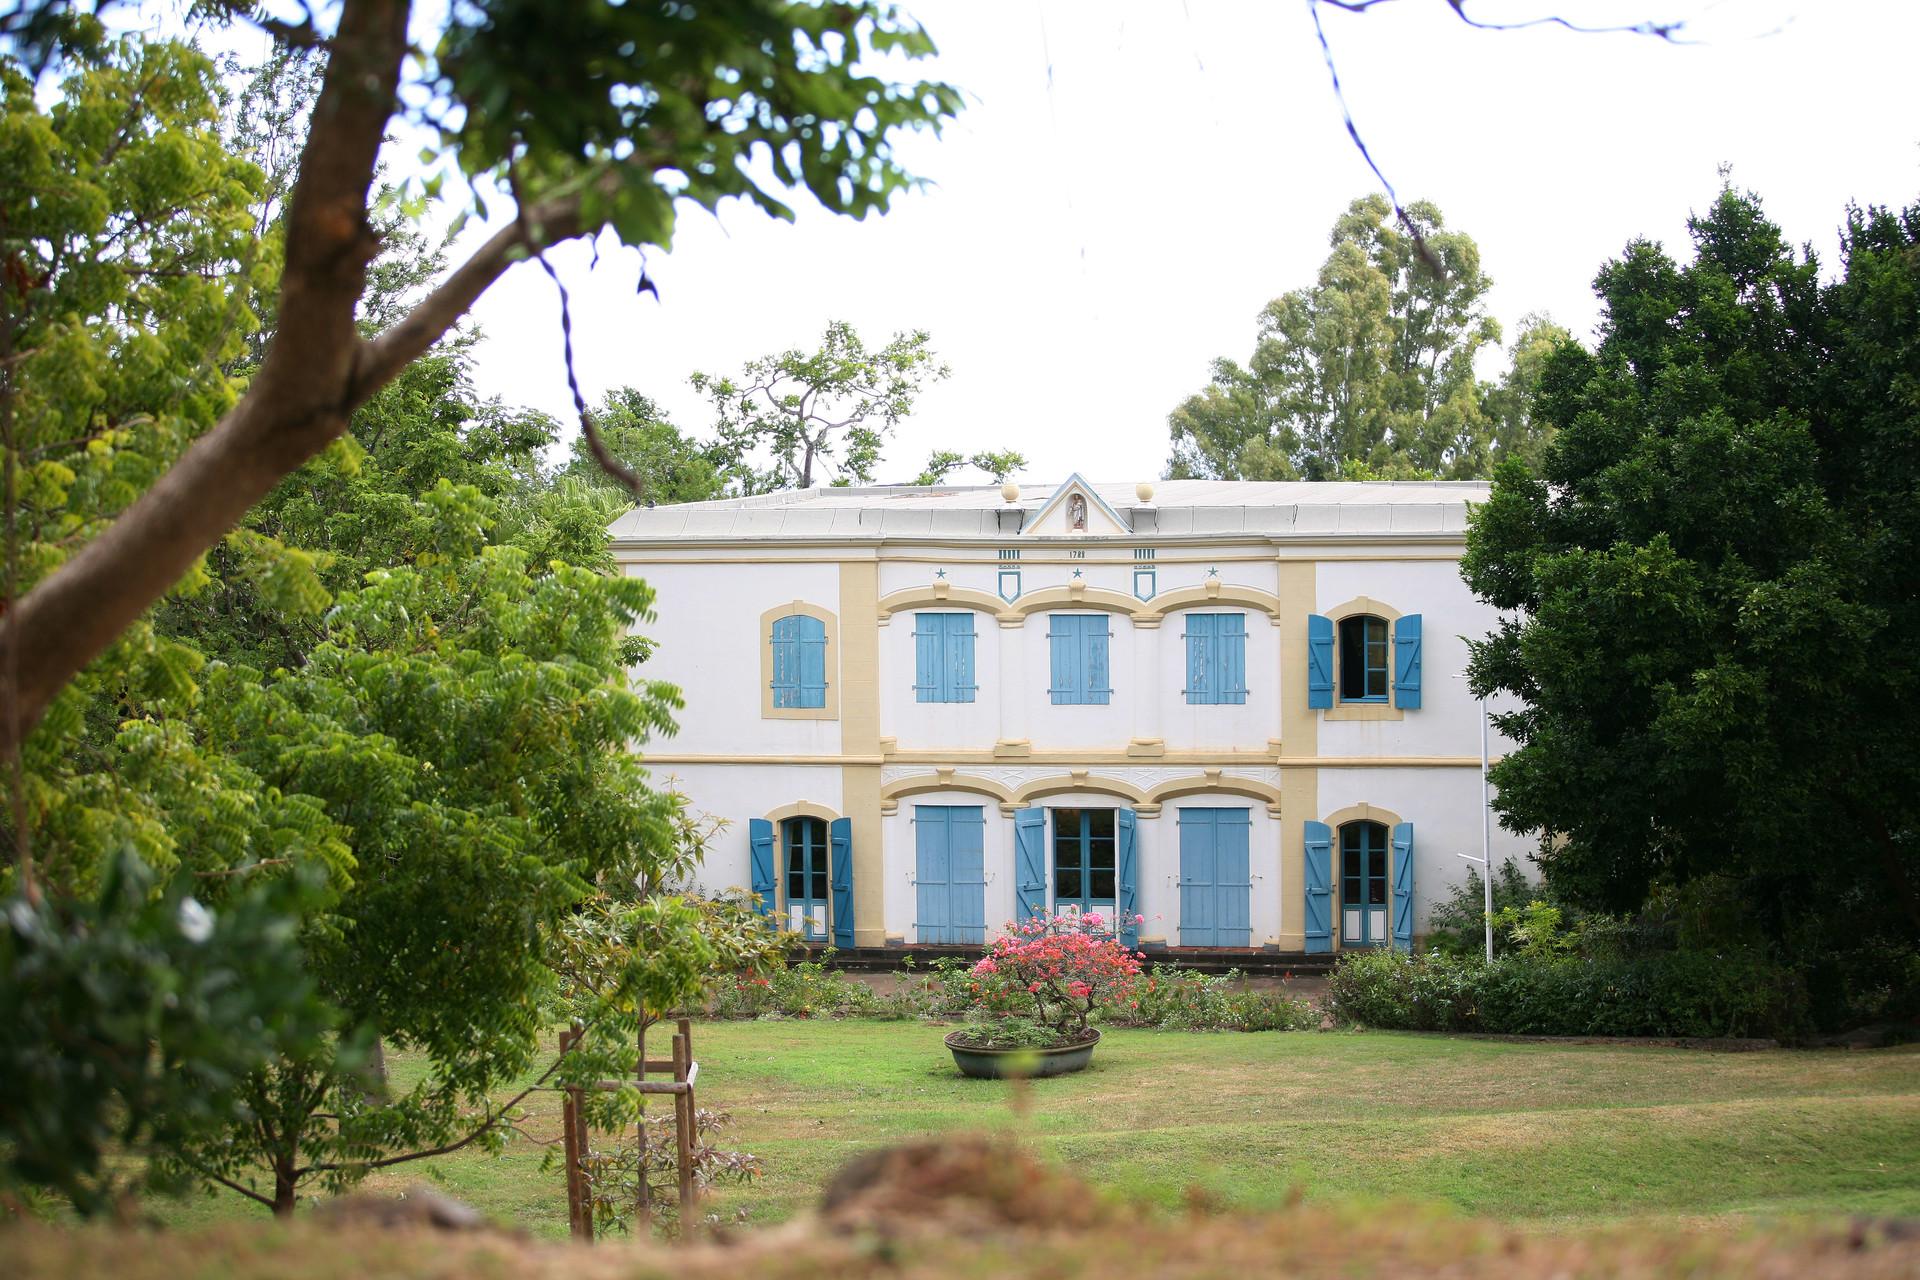 MUSÉE DE VILLÈLE - OUEST La Réunion 974